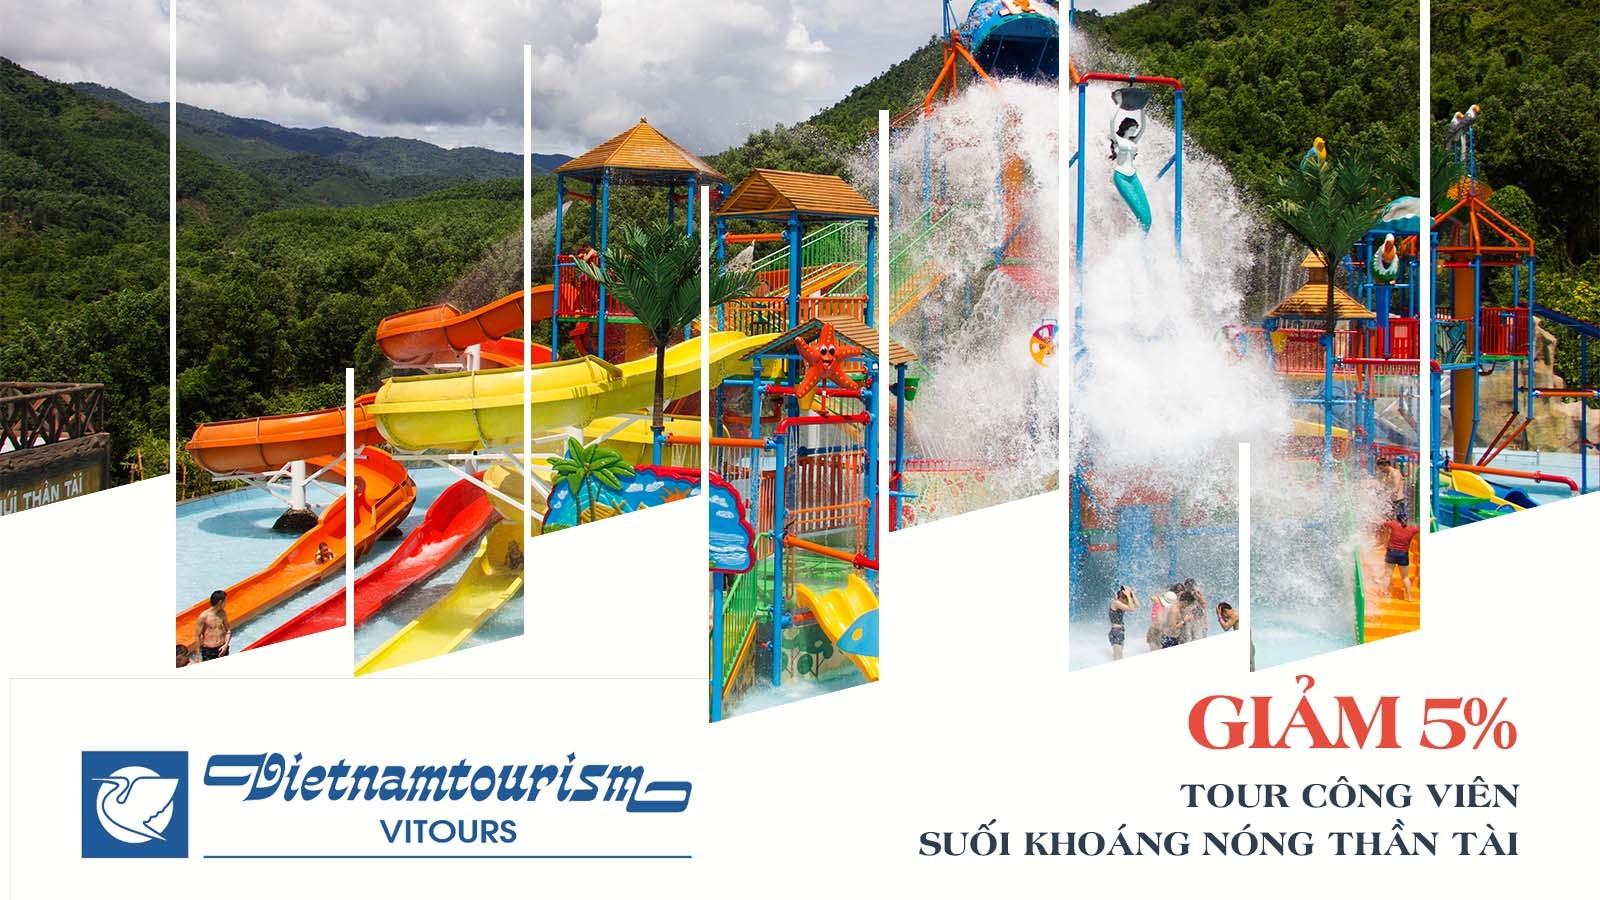 Vitours giảm 5% tour Công viên Suối Khoáng Nóng Thần Tài 1